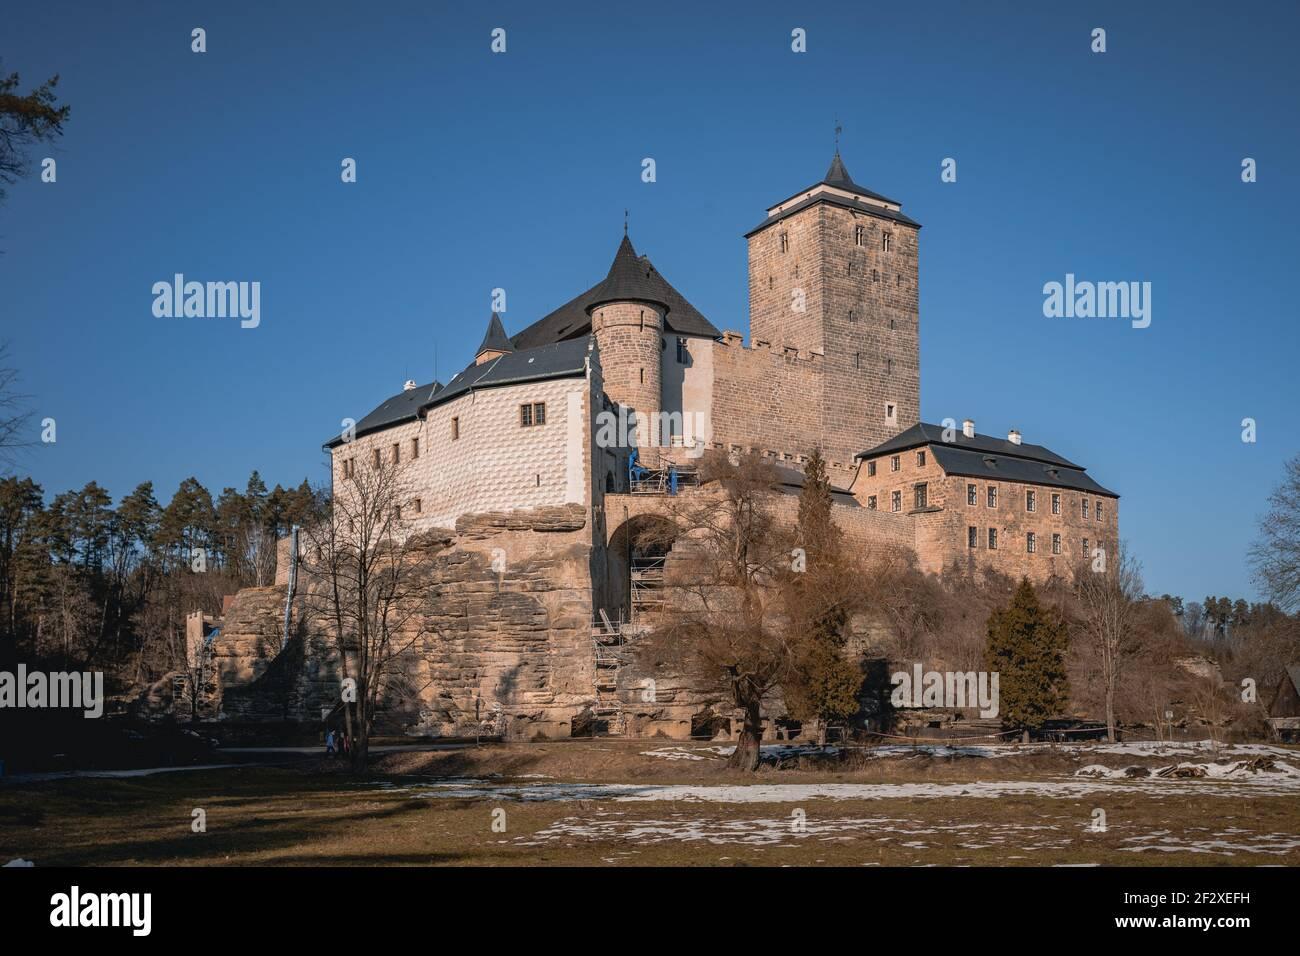 Castillo gótico Kost en el Parque Nacional Cesky Raj - Paraíso Checo. Vista increíble al monumento medieval en la República Checa. Europa Central. Estado público Foto de stock